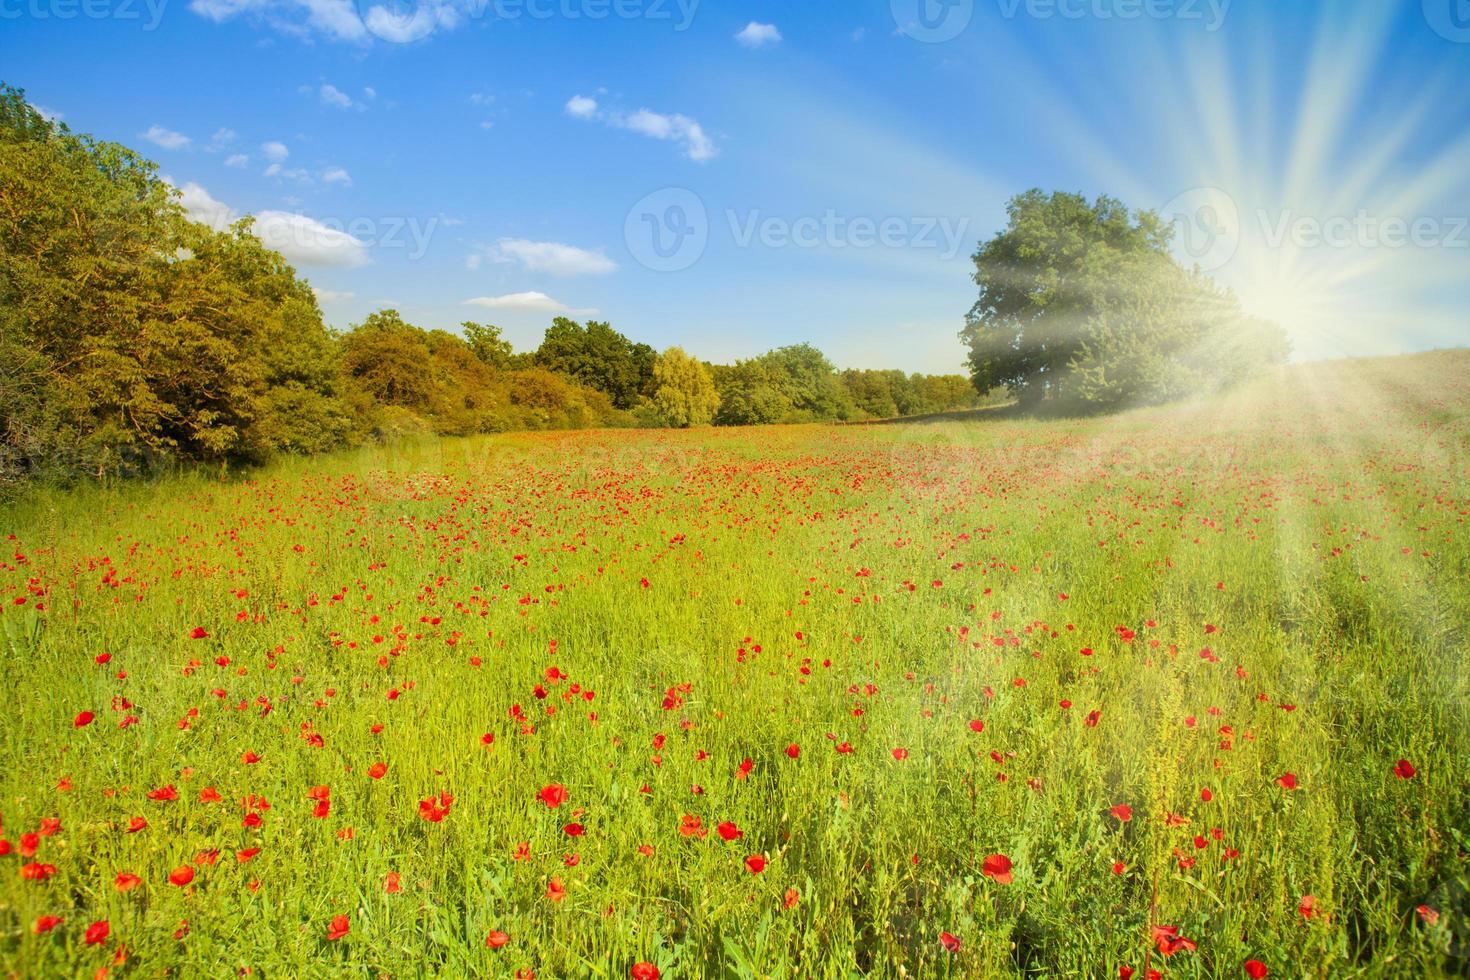 champ avec des fleurs de pavot au soleil du matin photo